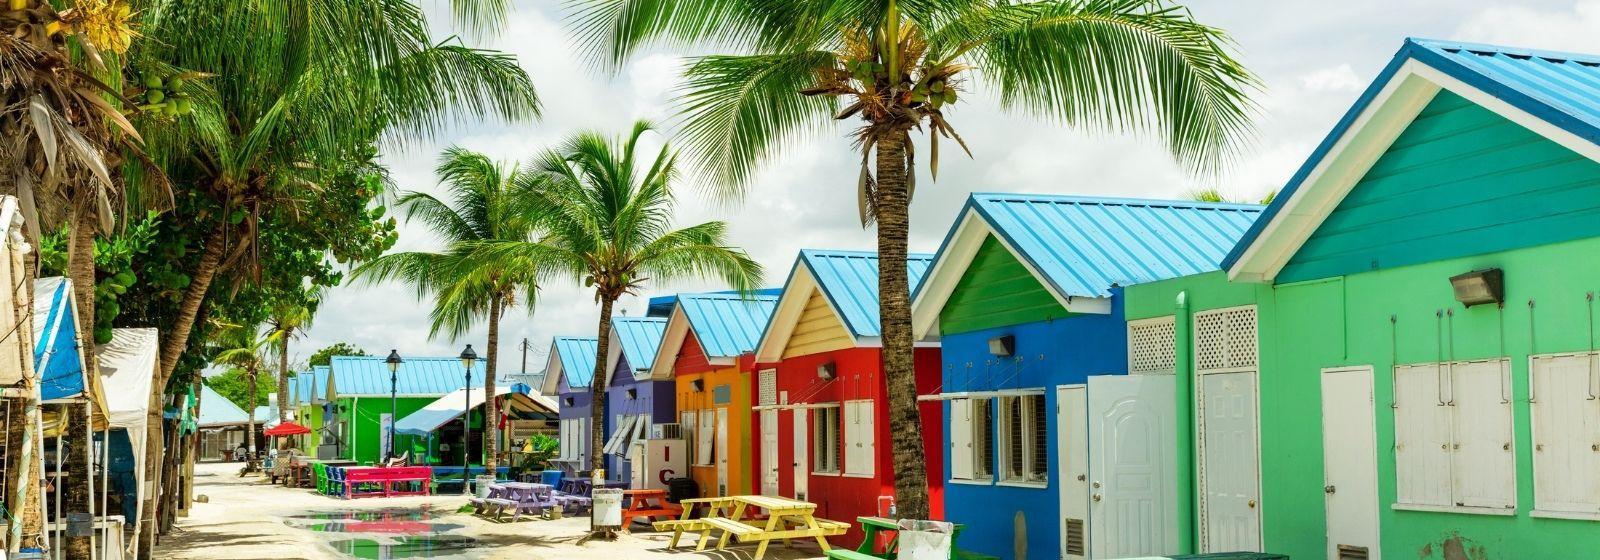 Cosas que hacer en Barbados